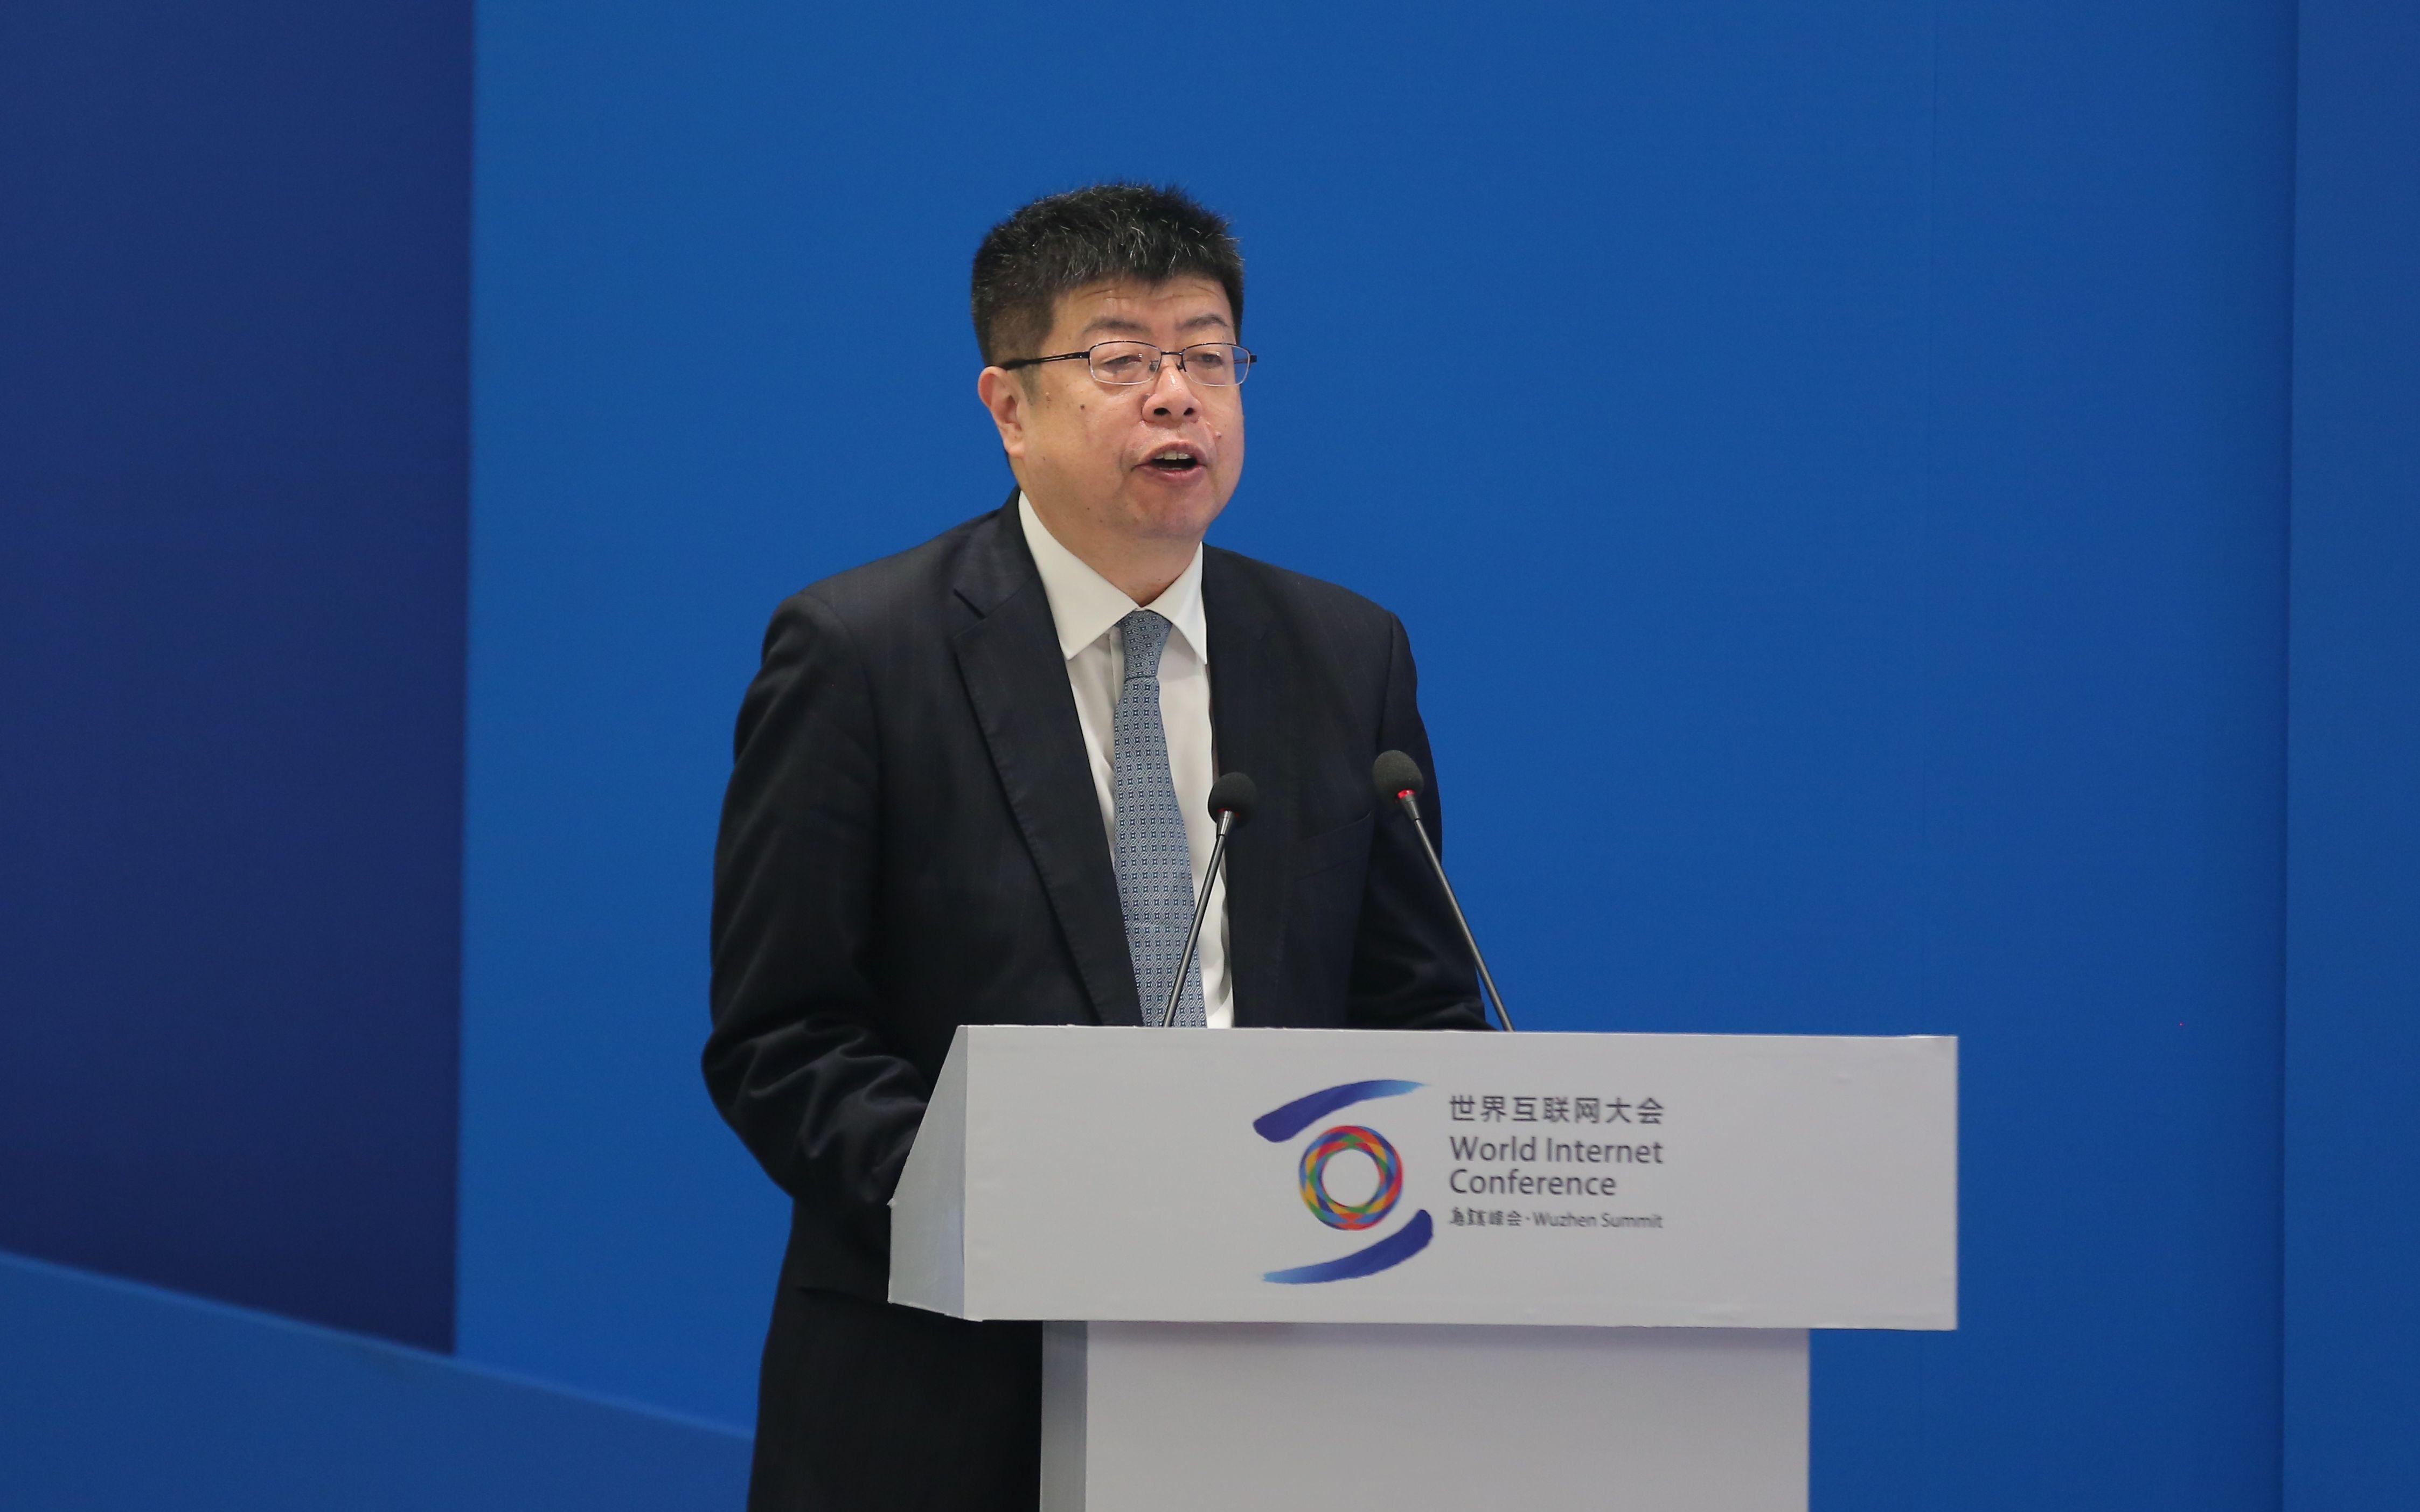 北大教授张颐武:短视频应用已促成一种中国新的文化形态